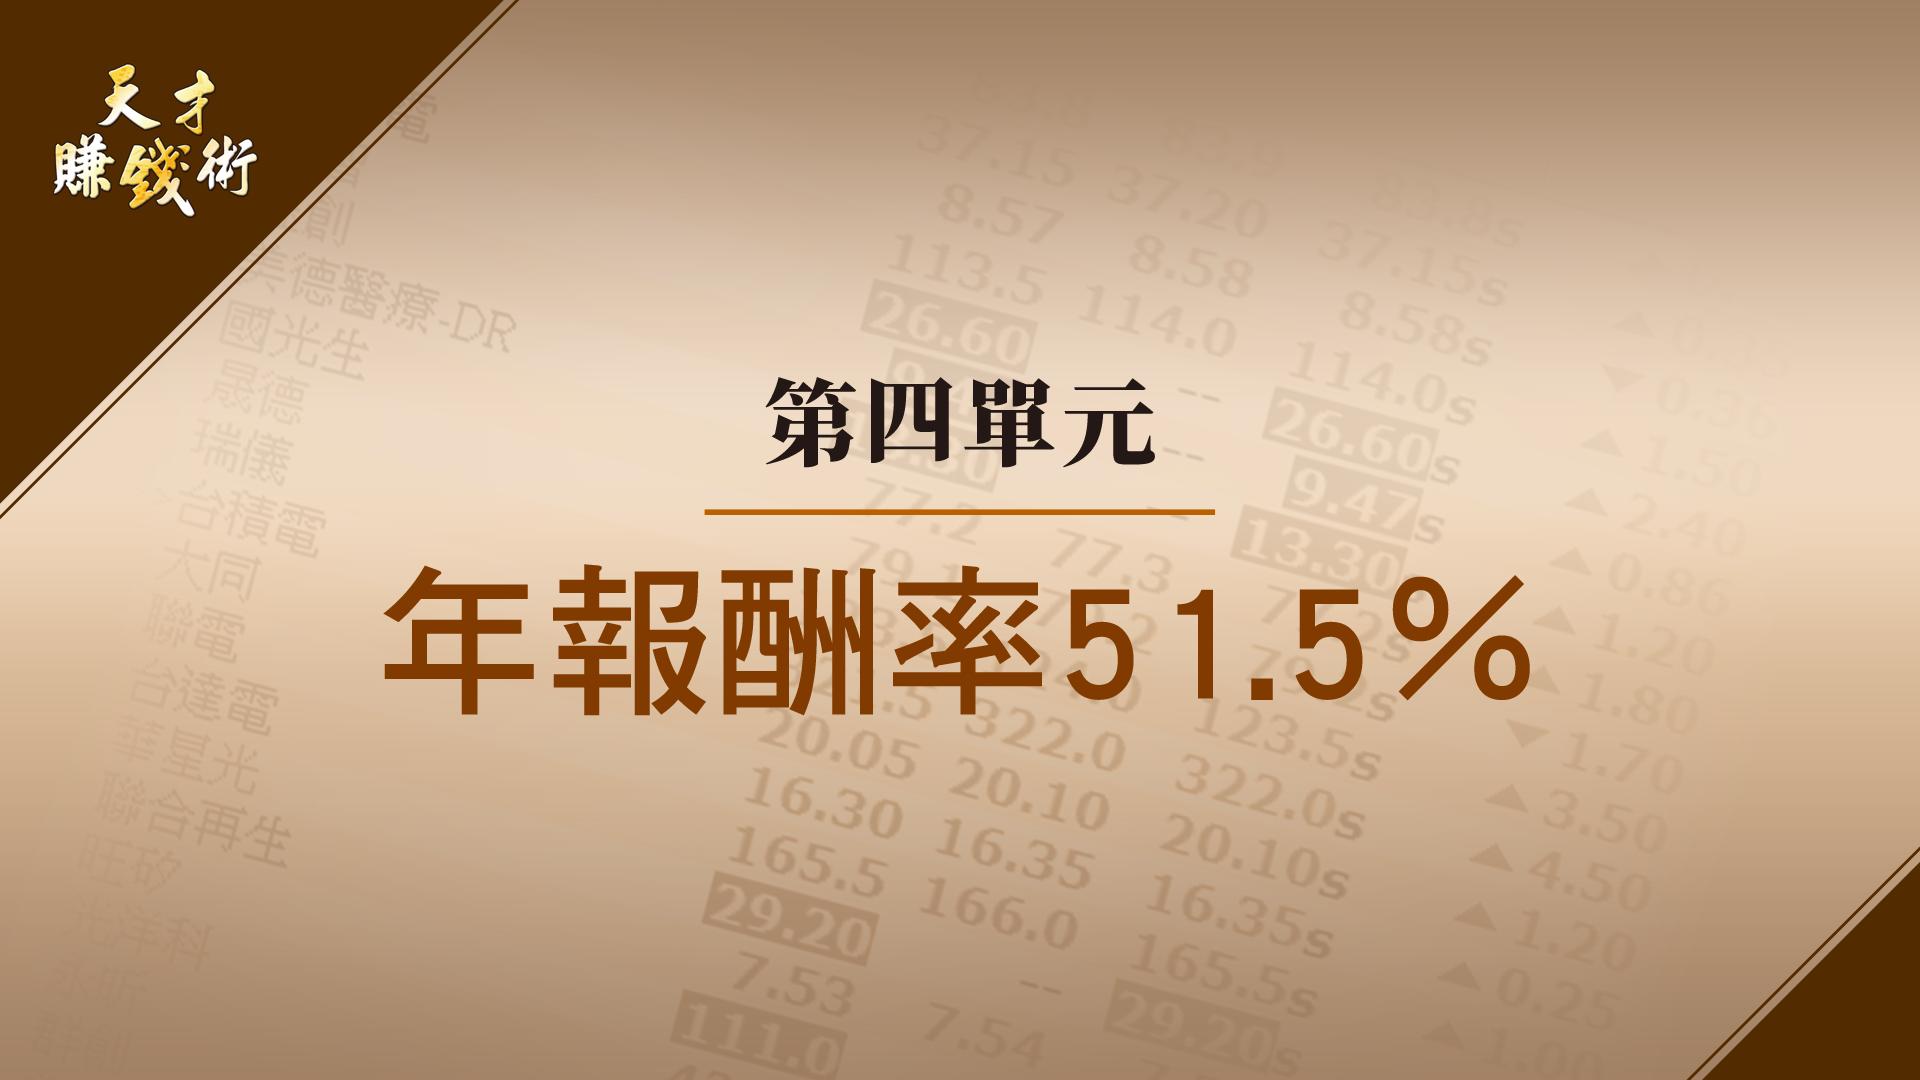 司令操盤手-第四單元:年報酬率51.5%